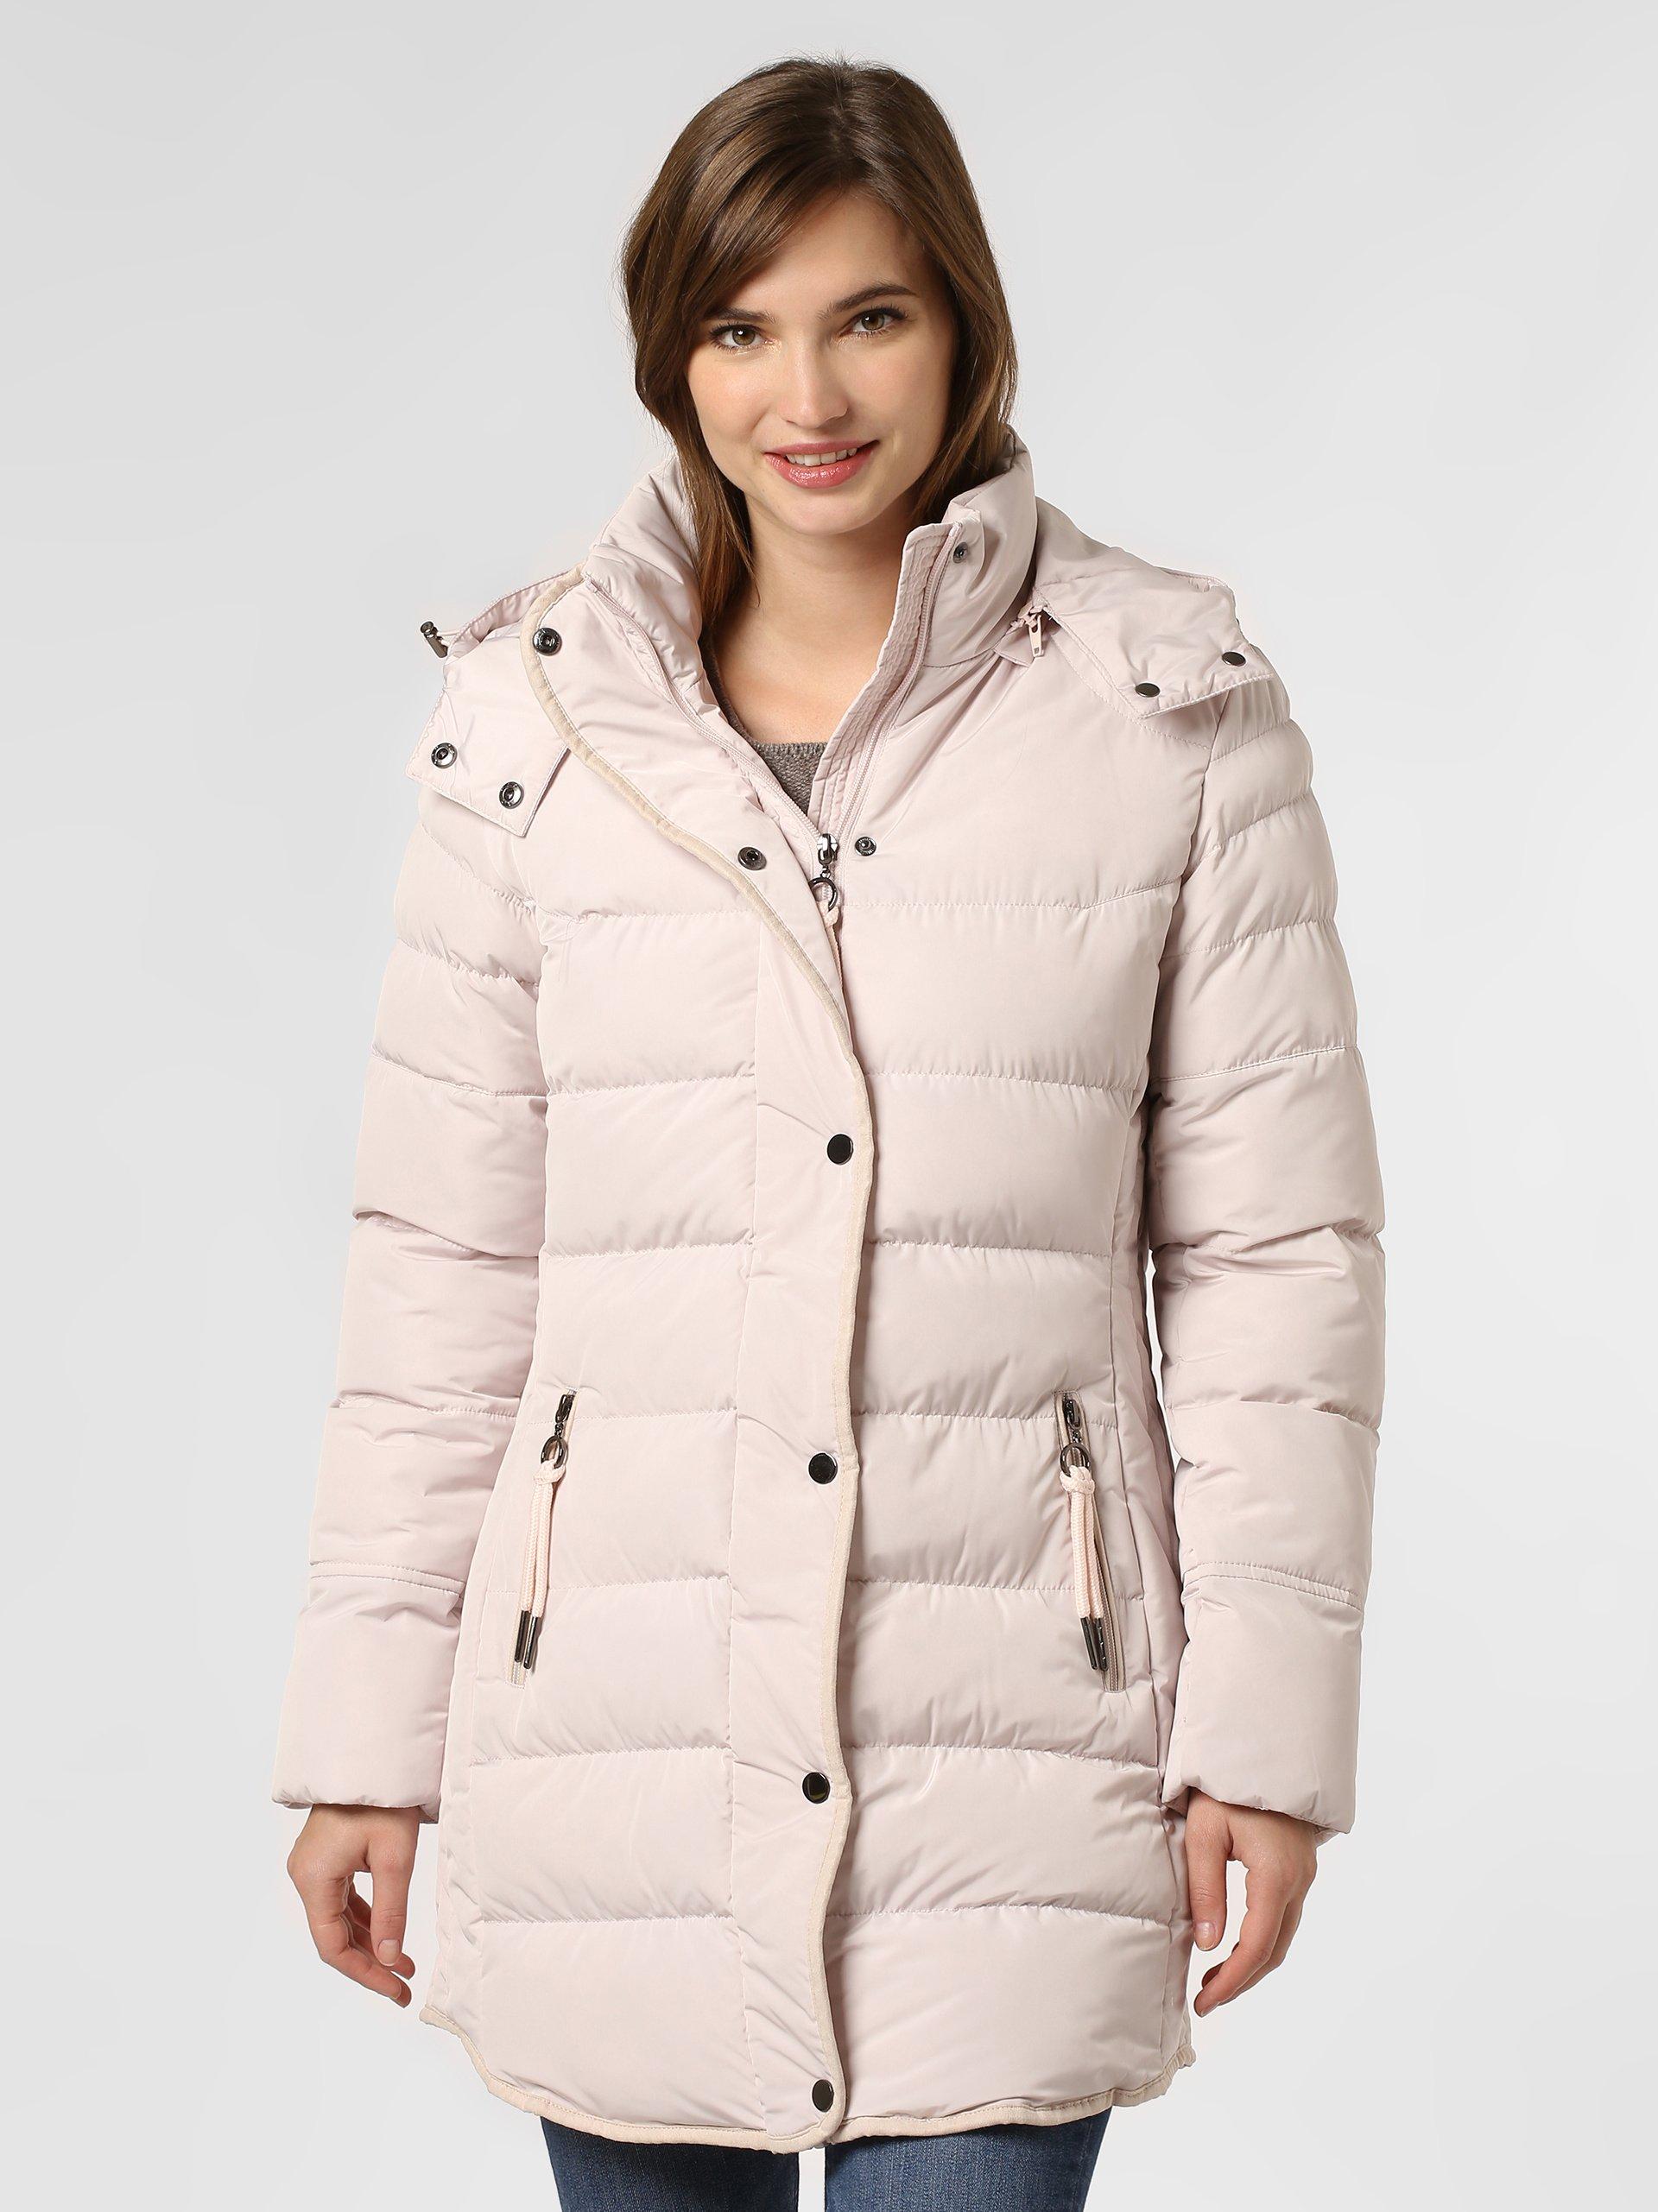 Marie Lund Damski płaszcz pikowany